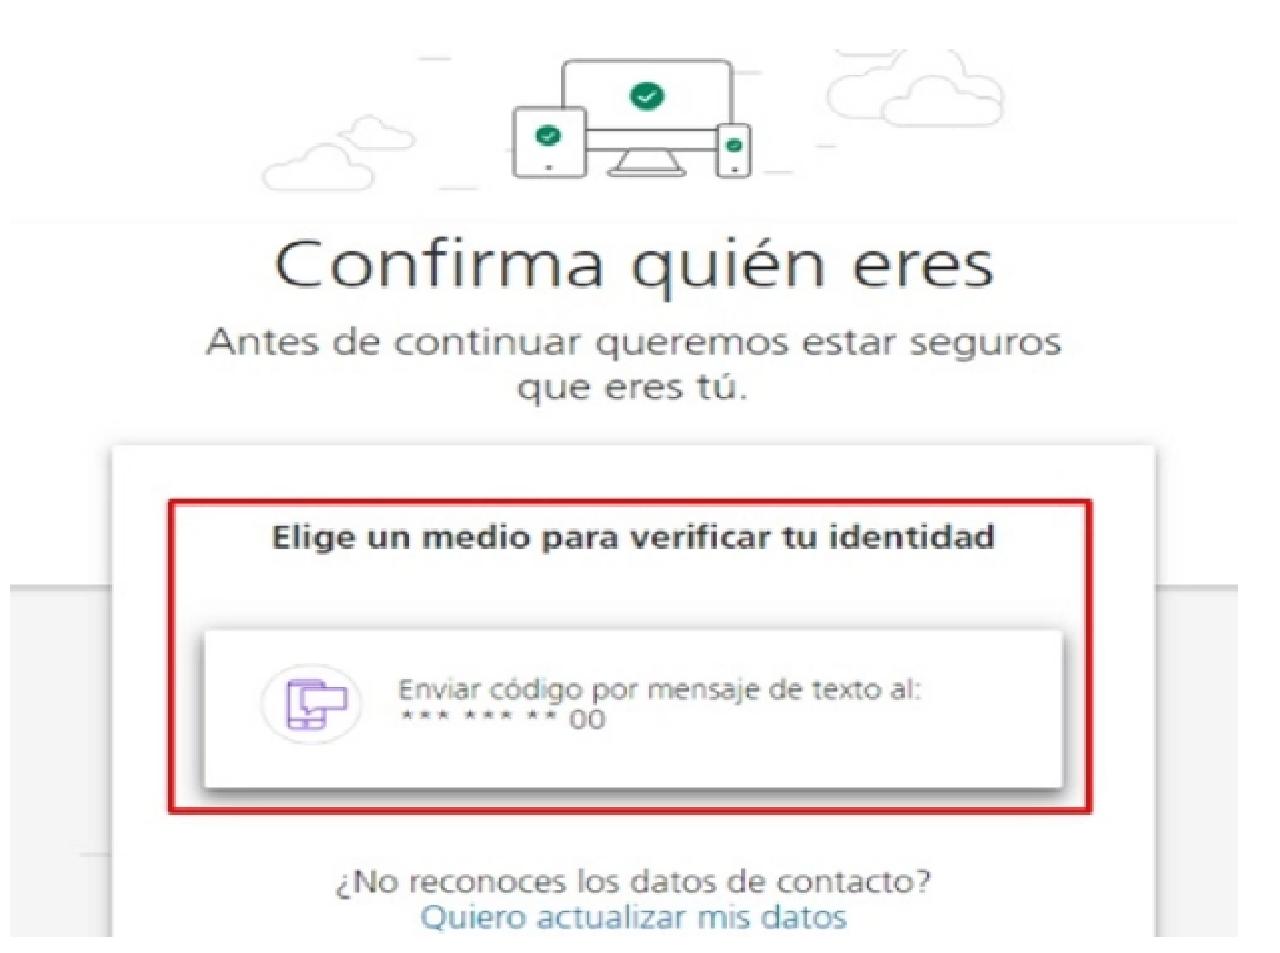 Colpatria banca virtual: ¿Cómo registrarse? Paso 3